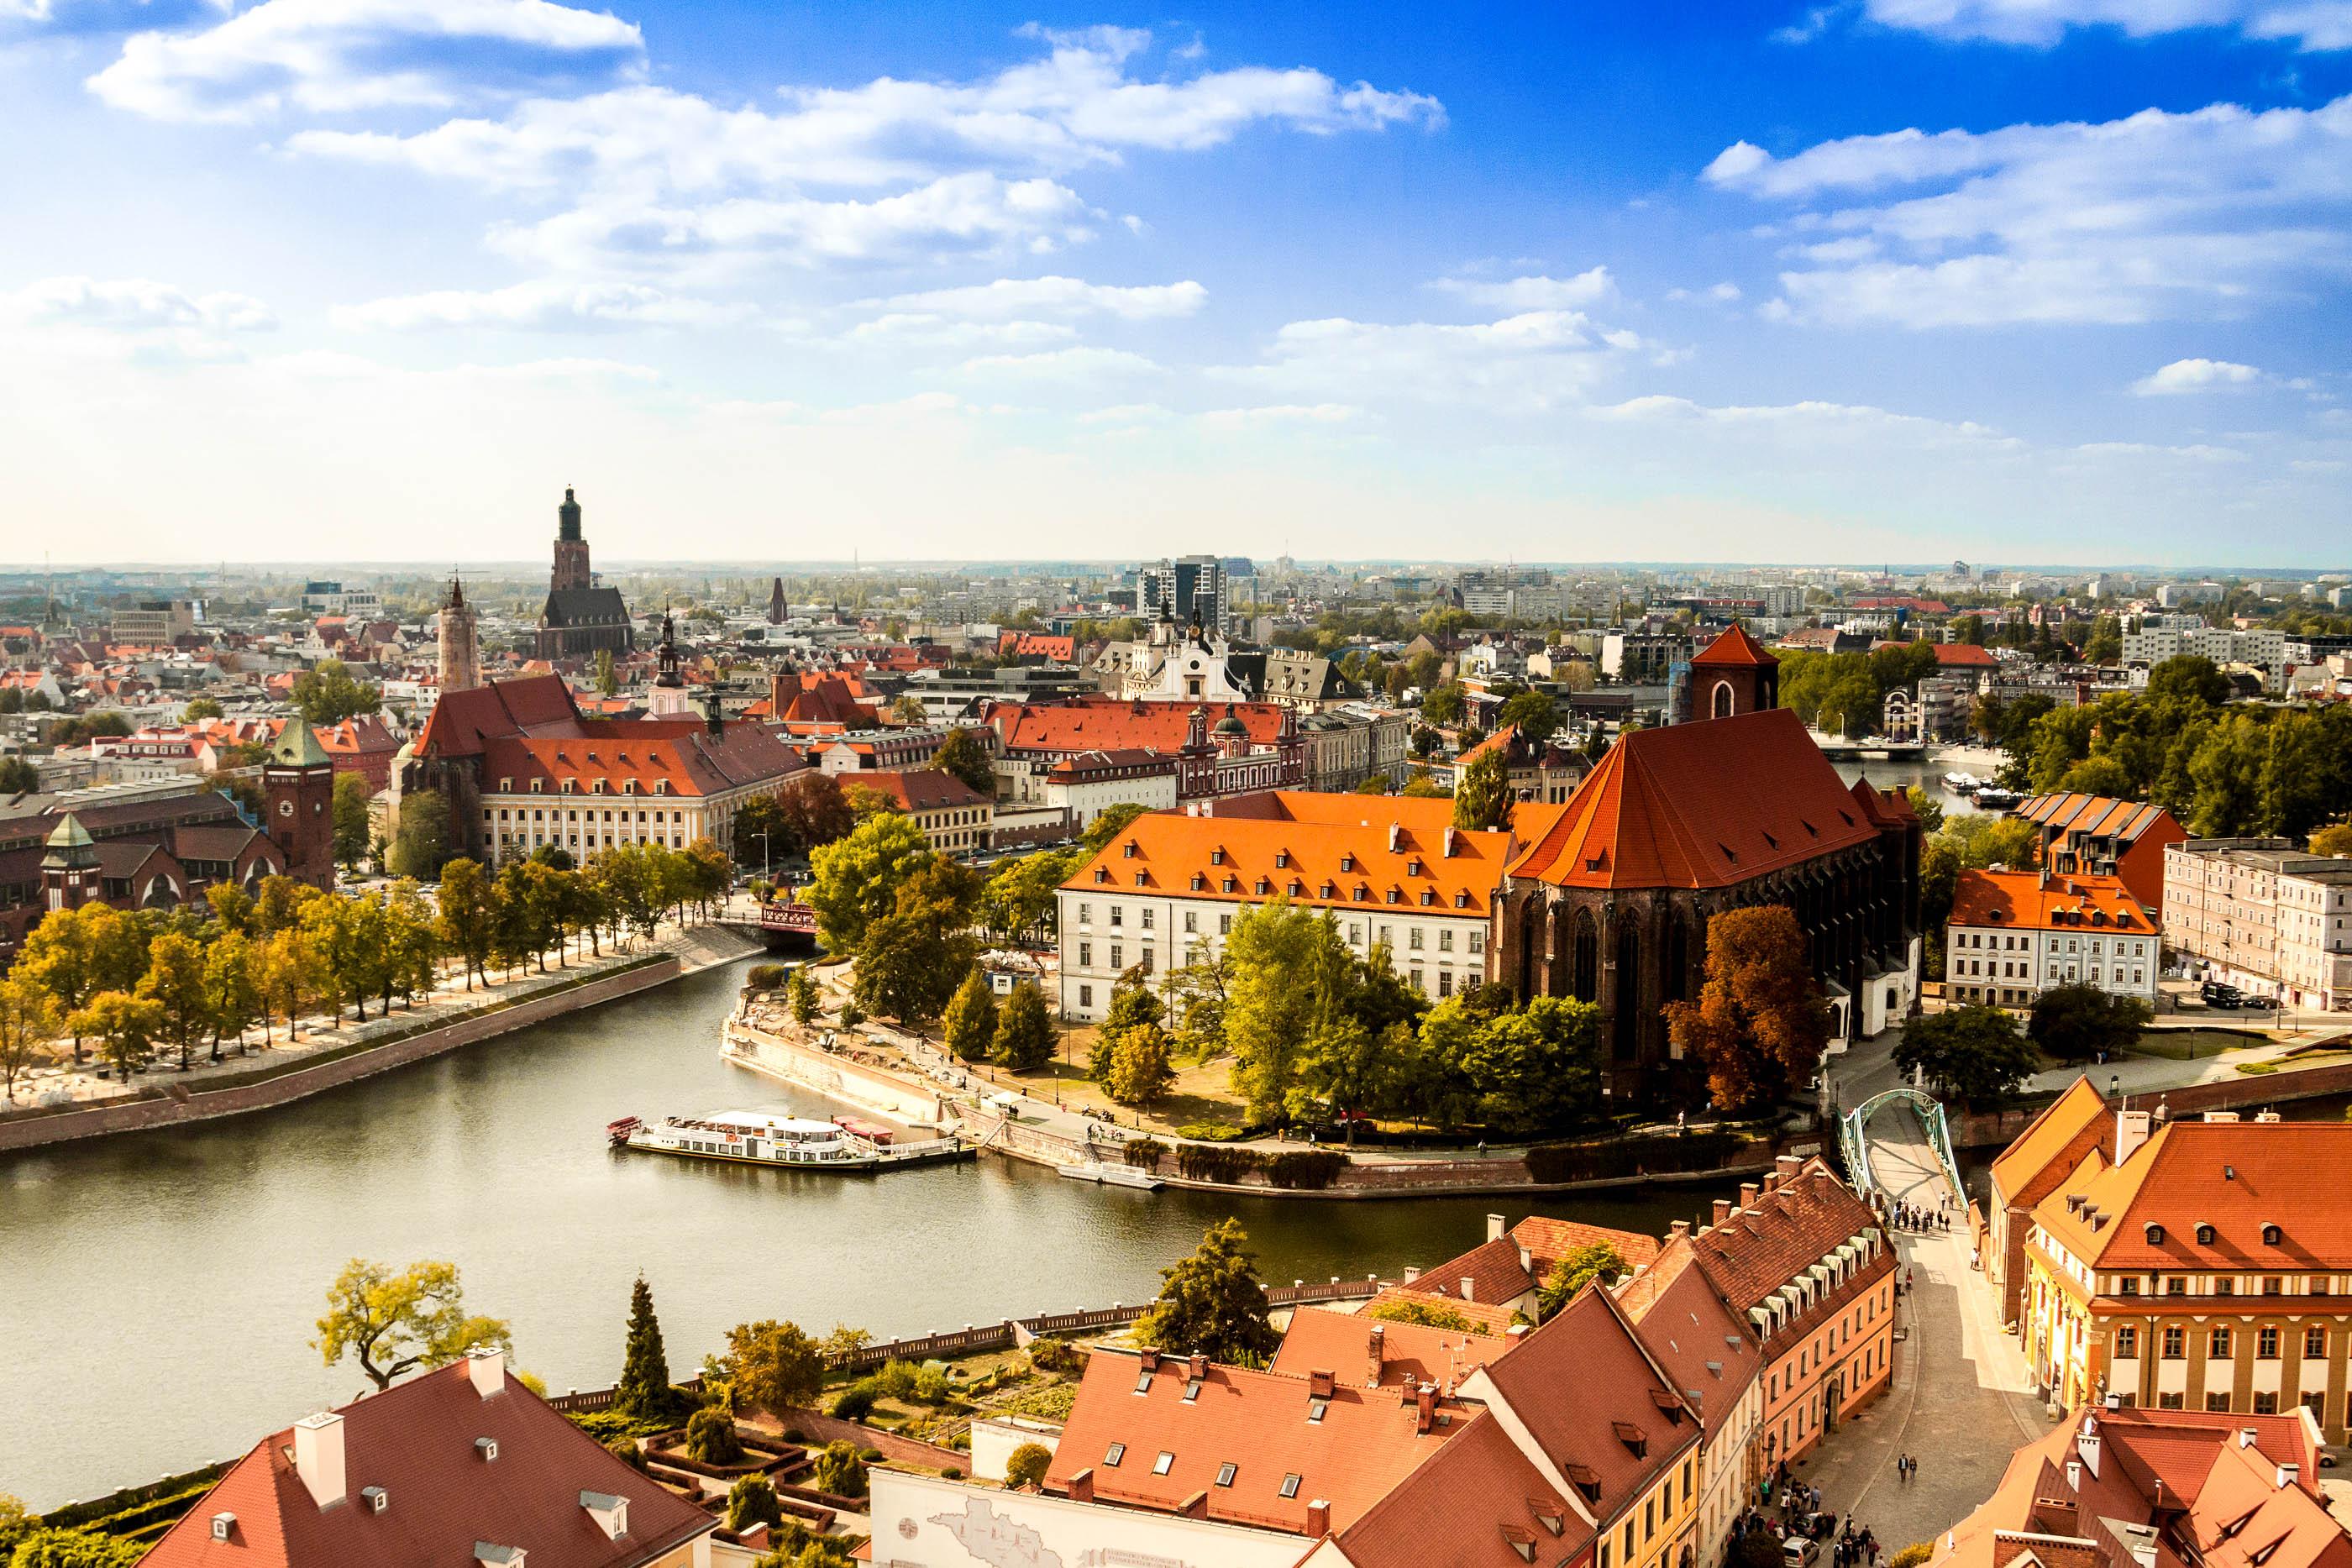 breslavia-e-unha-das-mais-antigas-cidades-secret-world